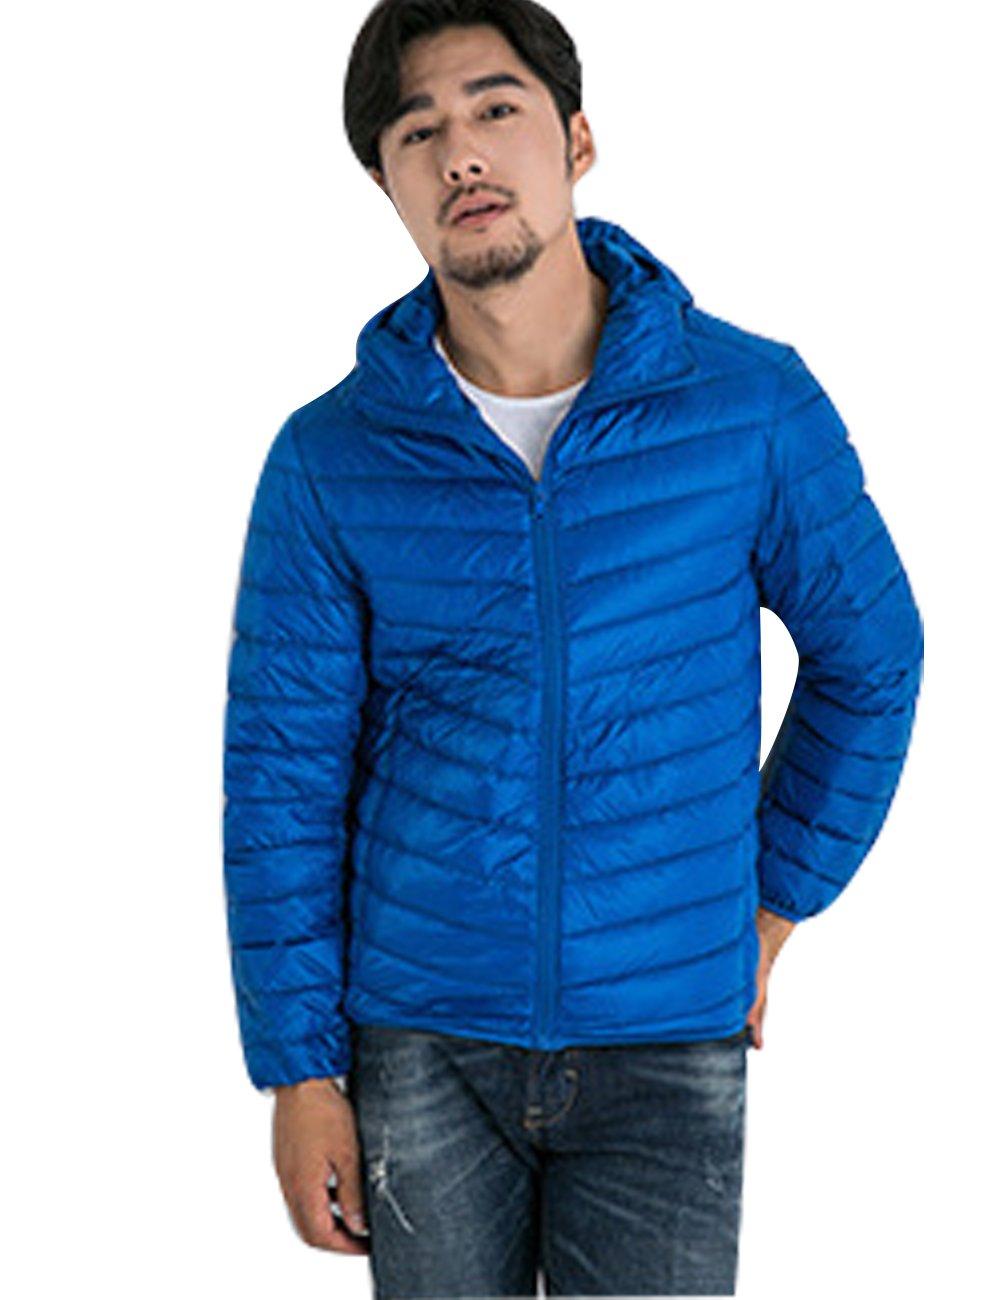 Menschwear OUTERWEAR メンズ B077QXV4DV M Blue 018 Blue 018 M